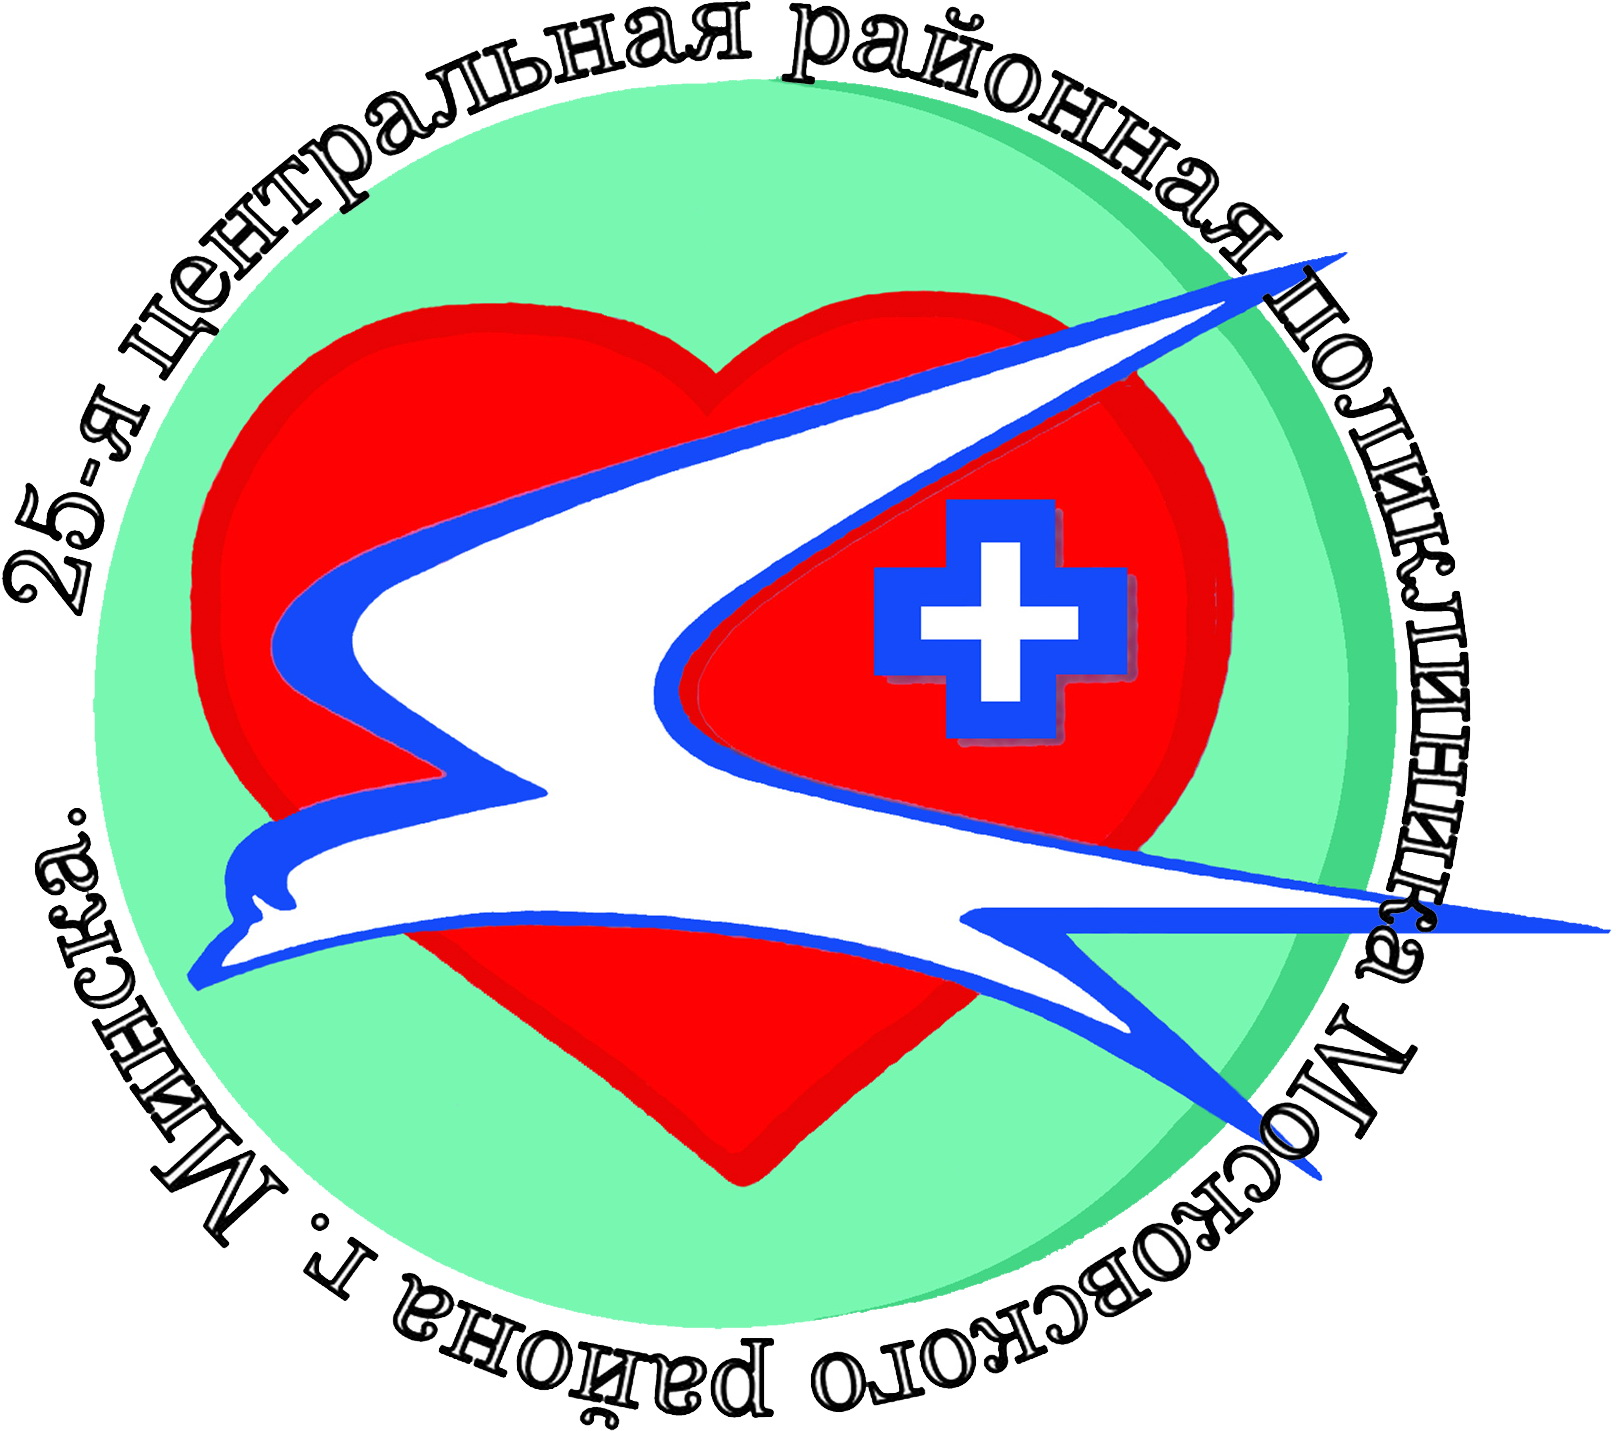 Поликлиника пушкино стоматология